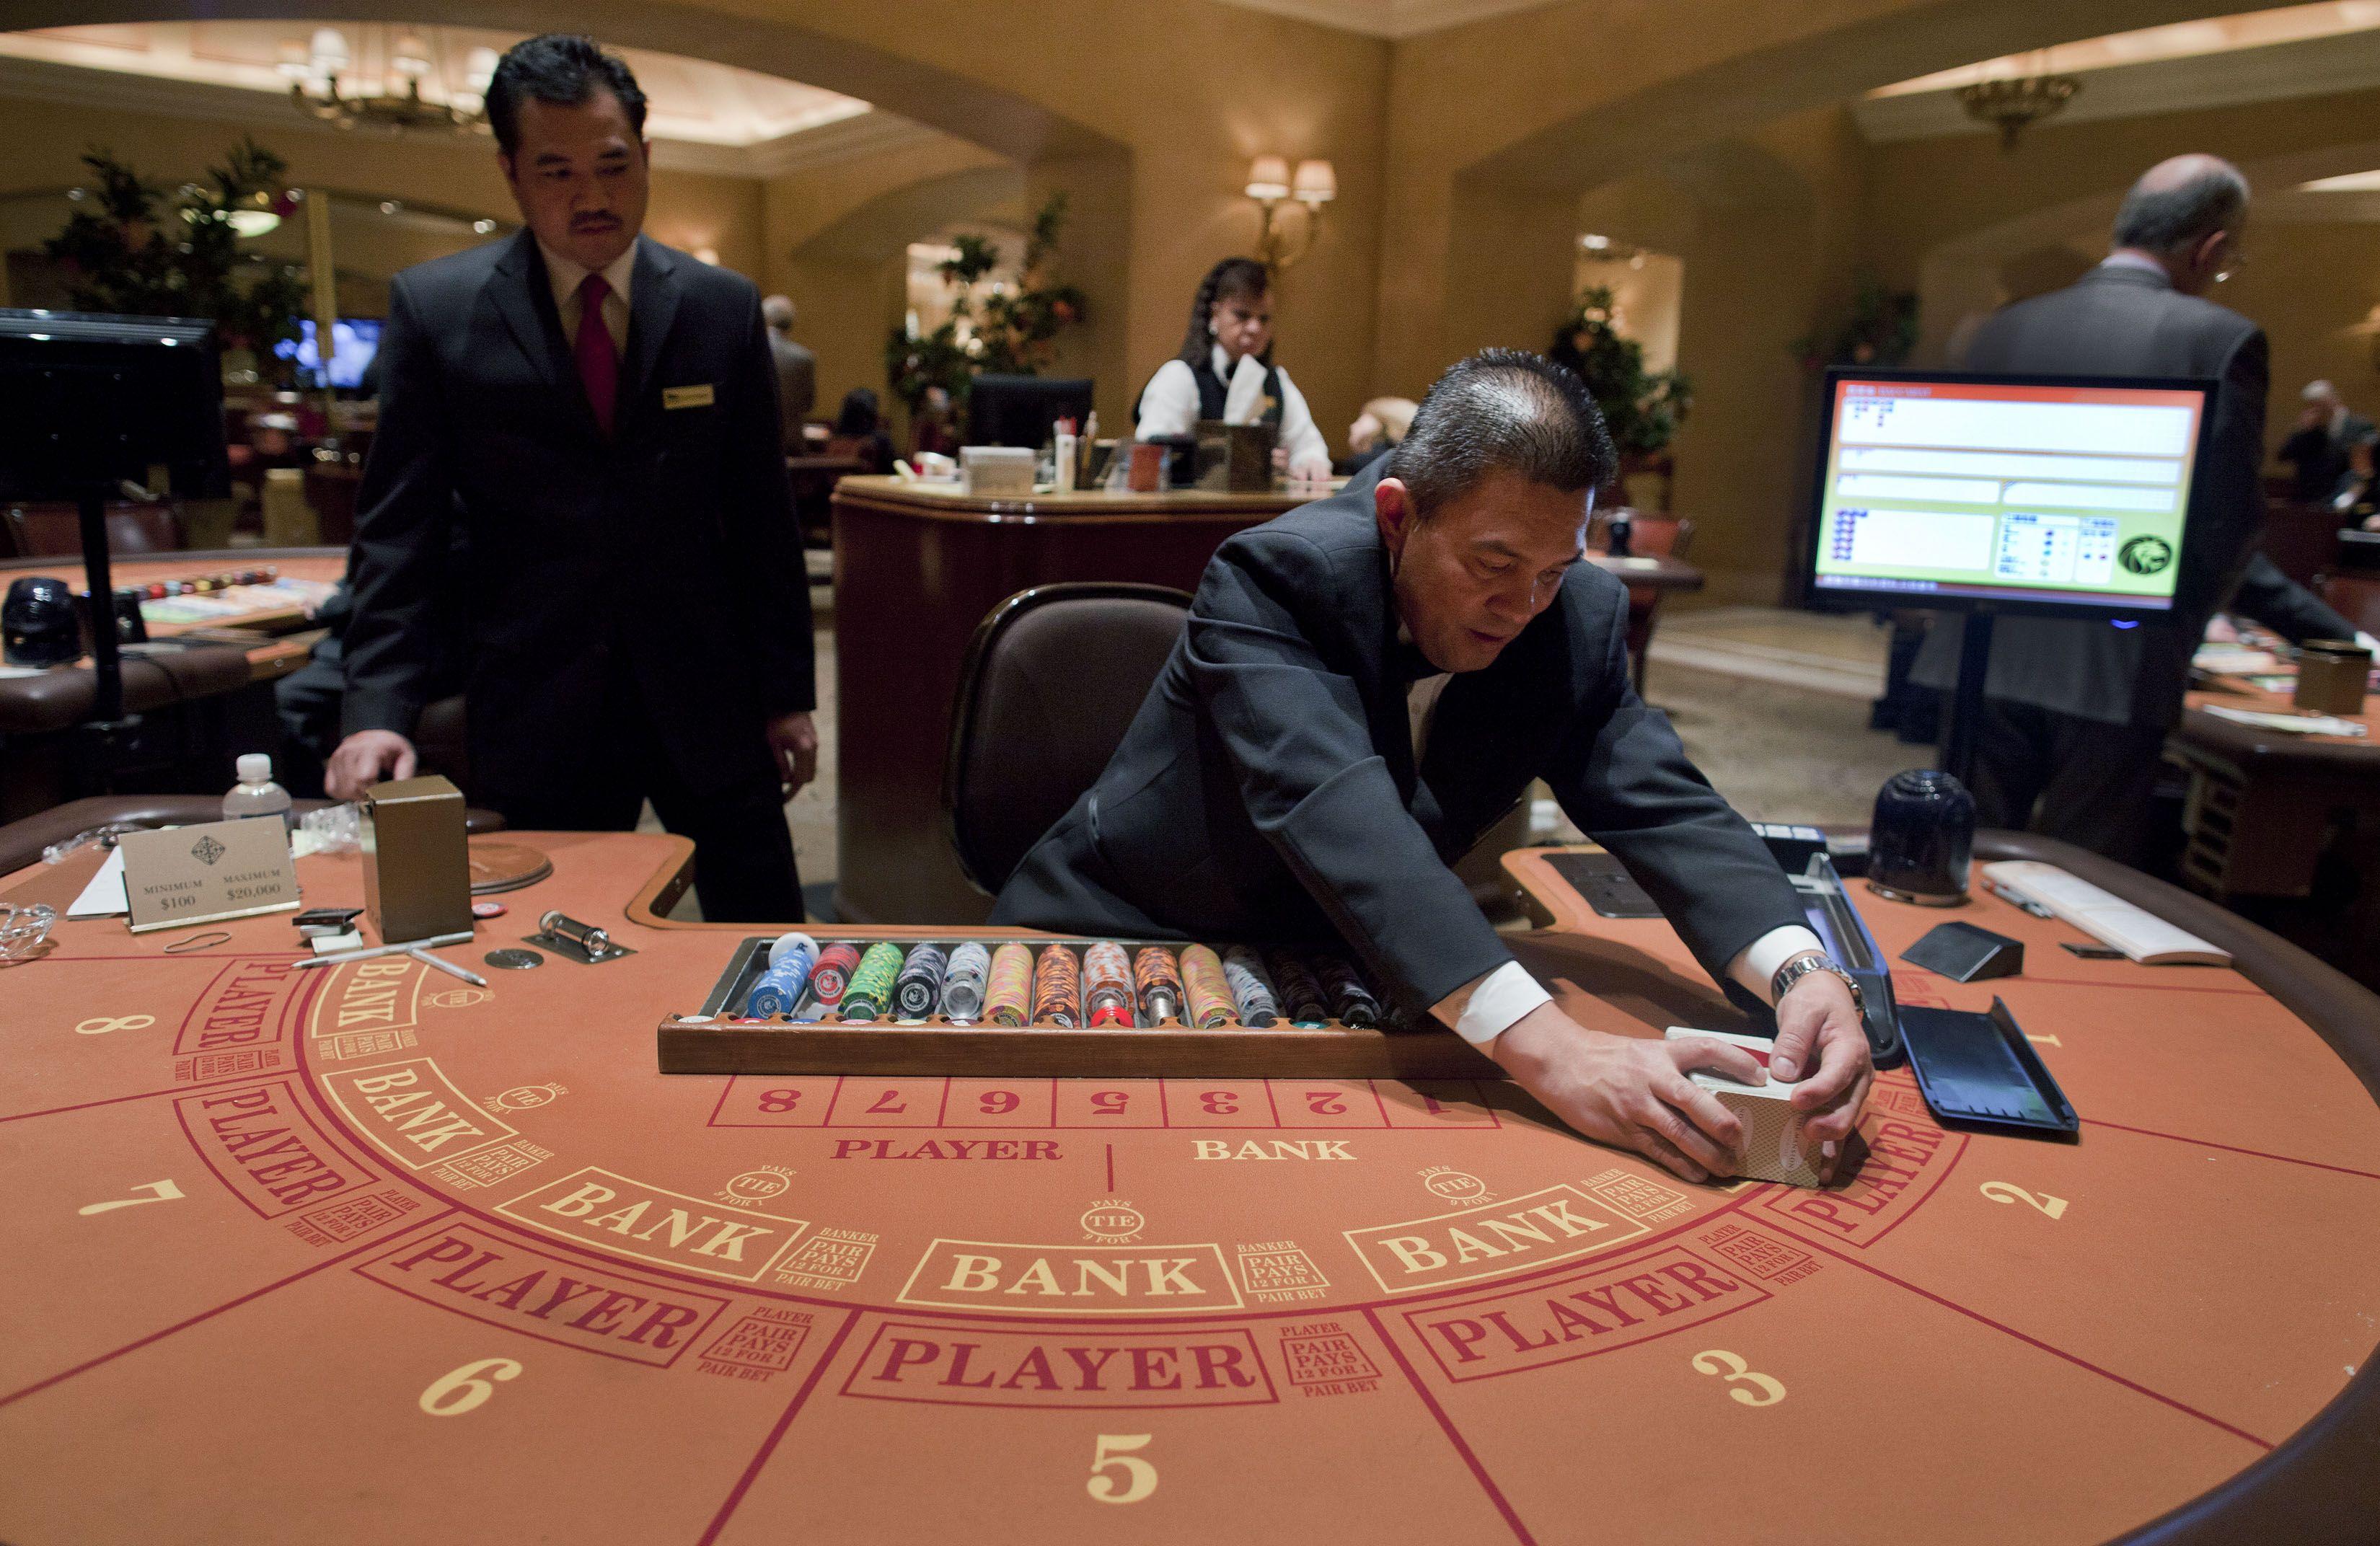 Baccarat Best online casino, Gambling humor, Online